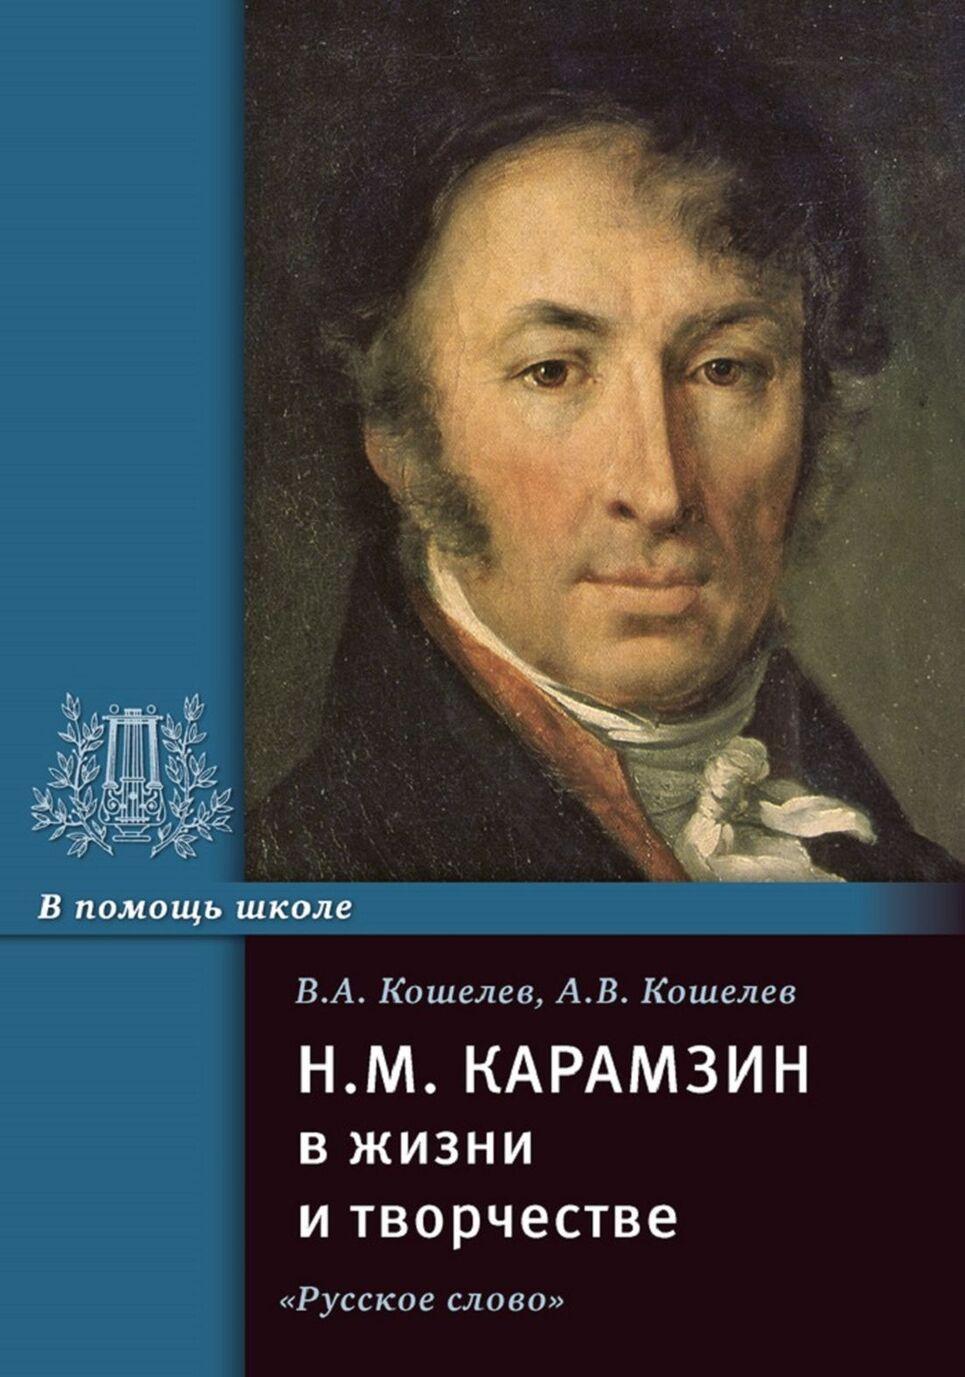 Н.М. Карамзин в жизни и творчестве. Учебное пособие